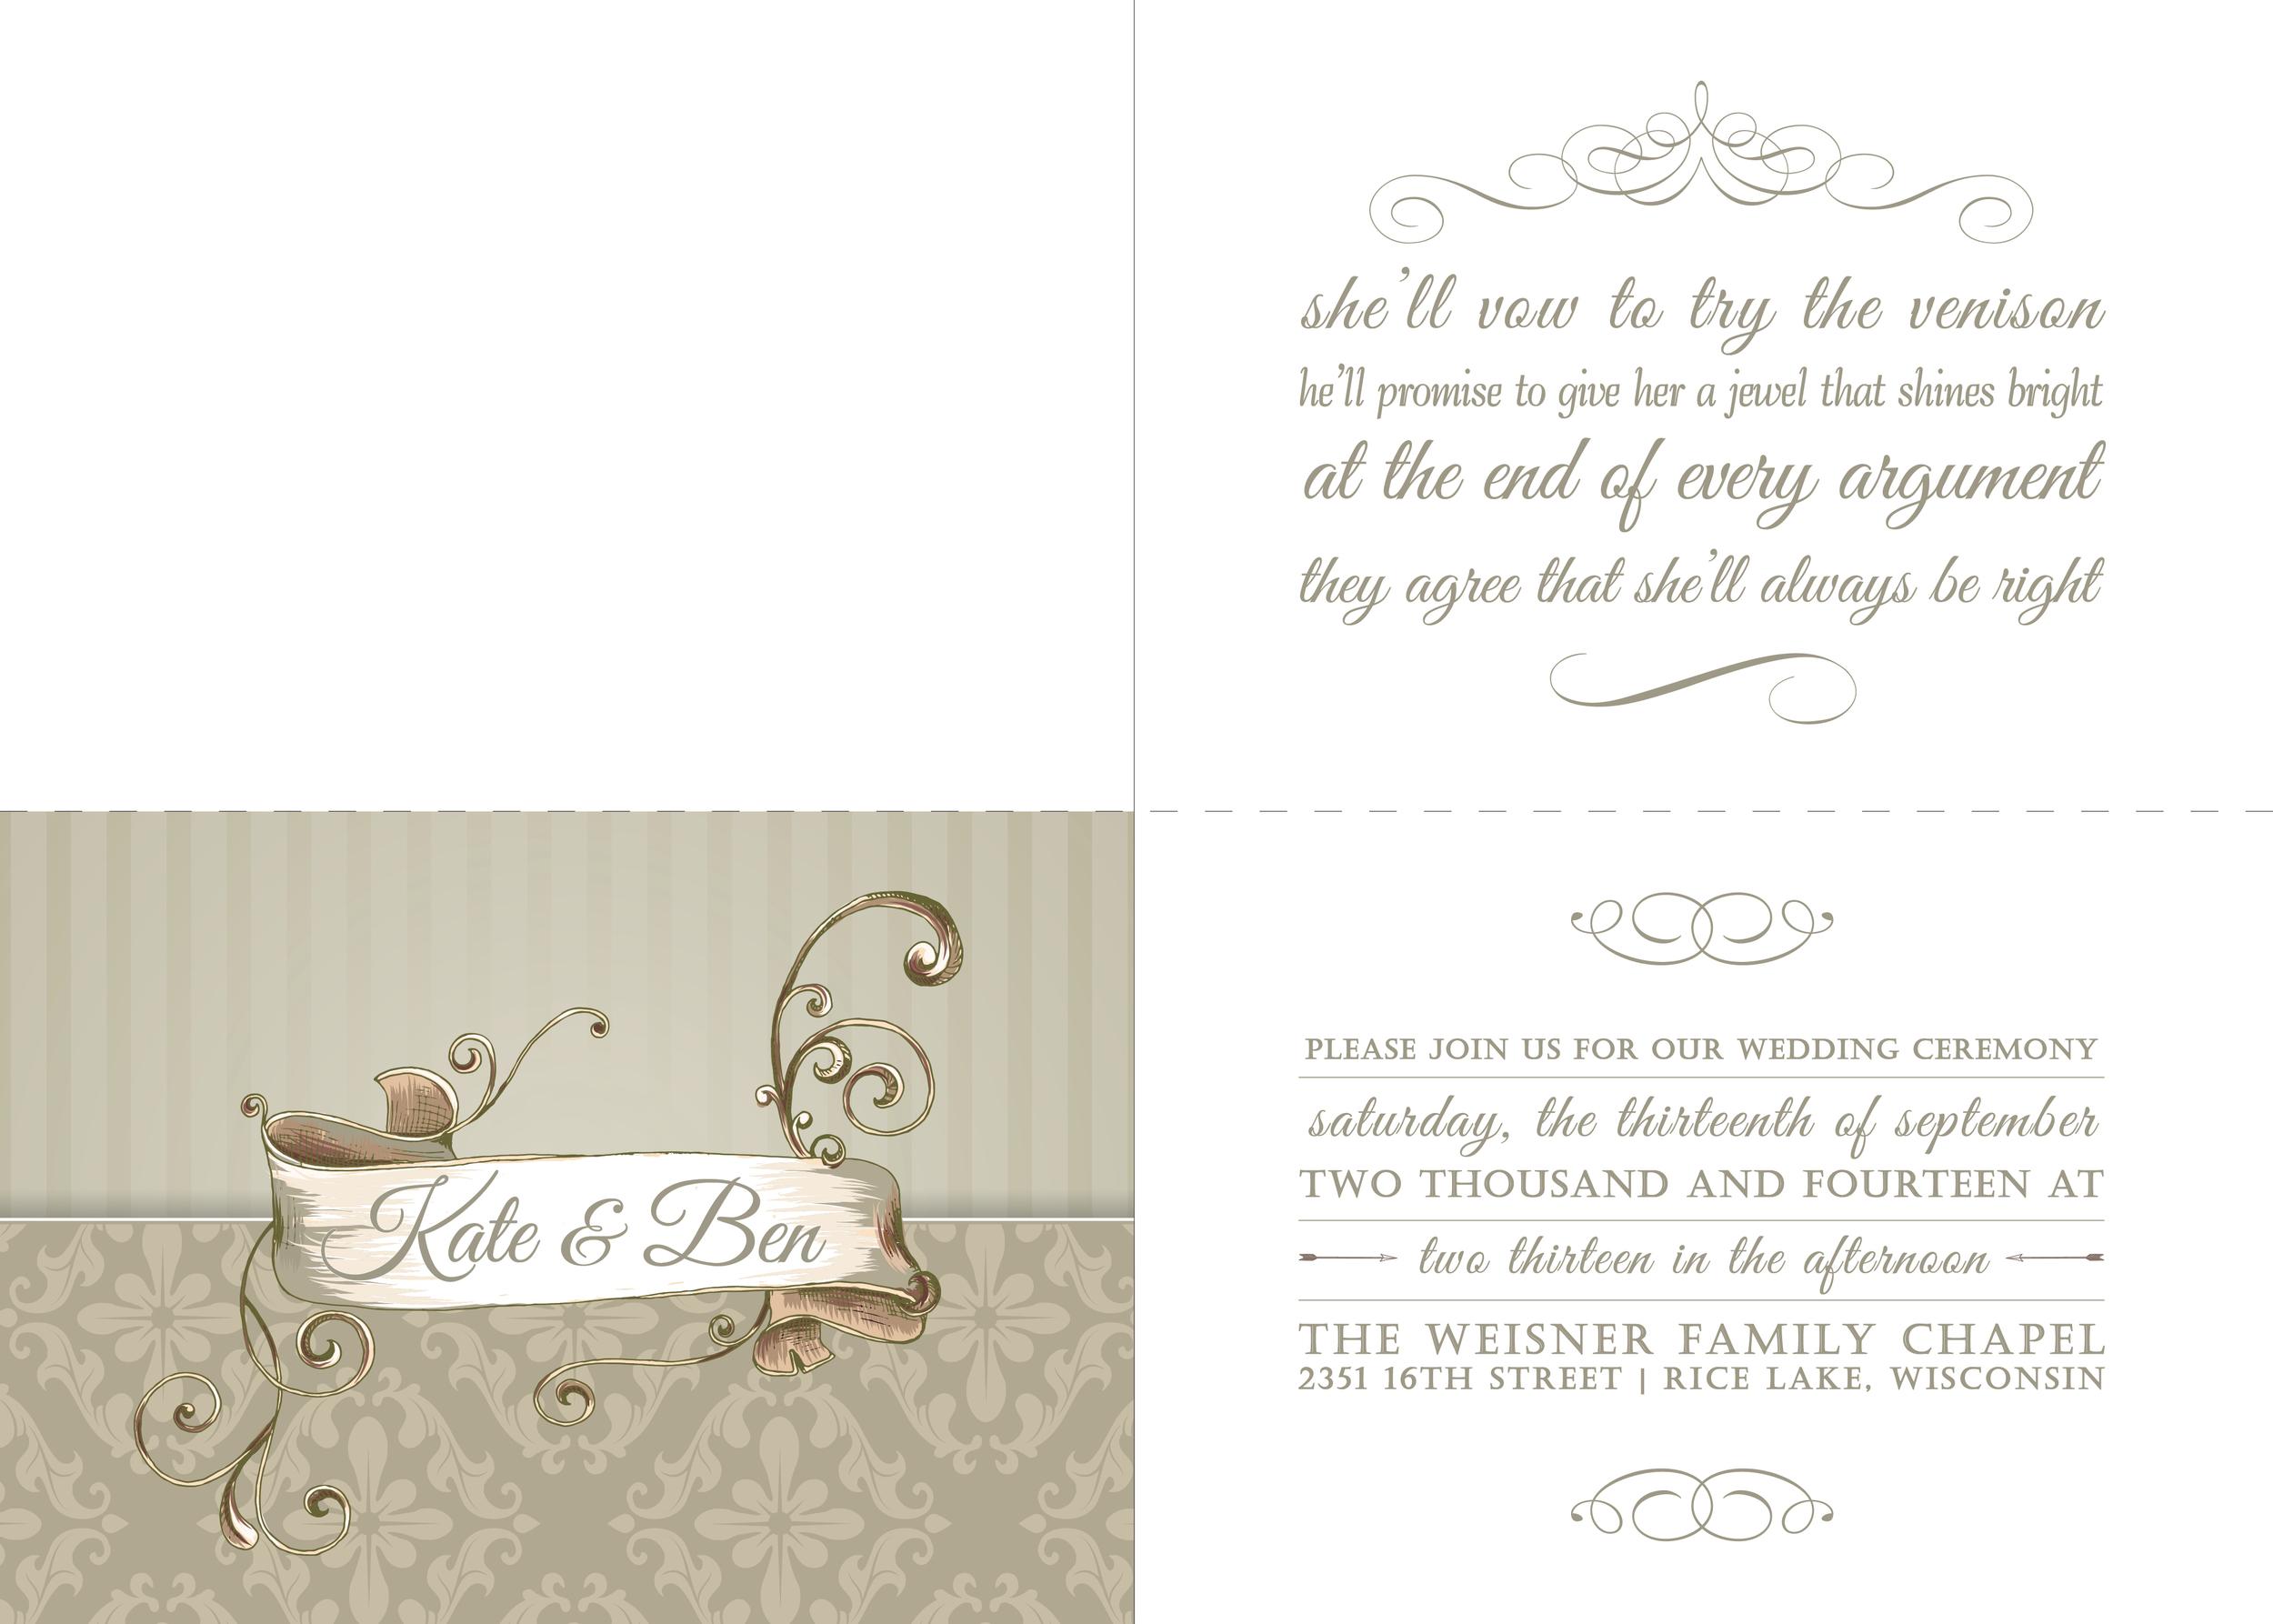 INVITE-BenKate.jpg